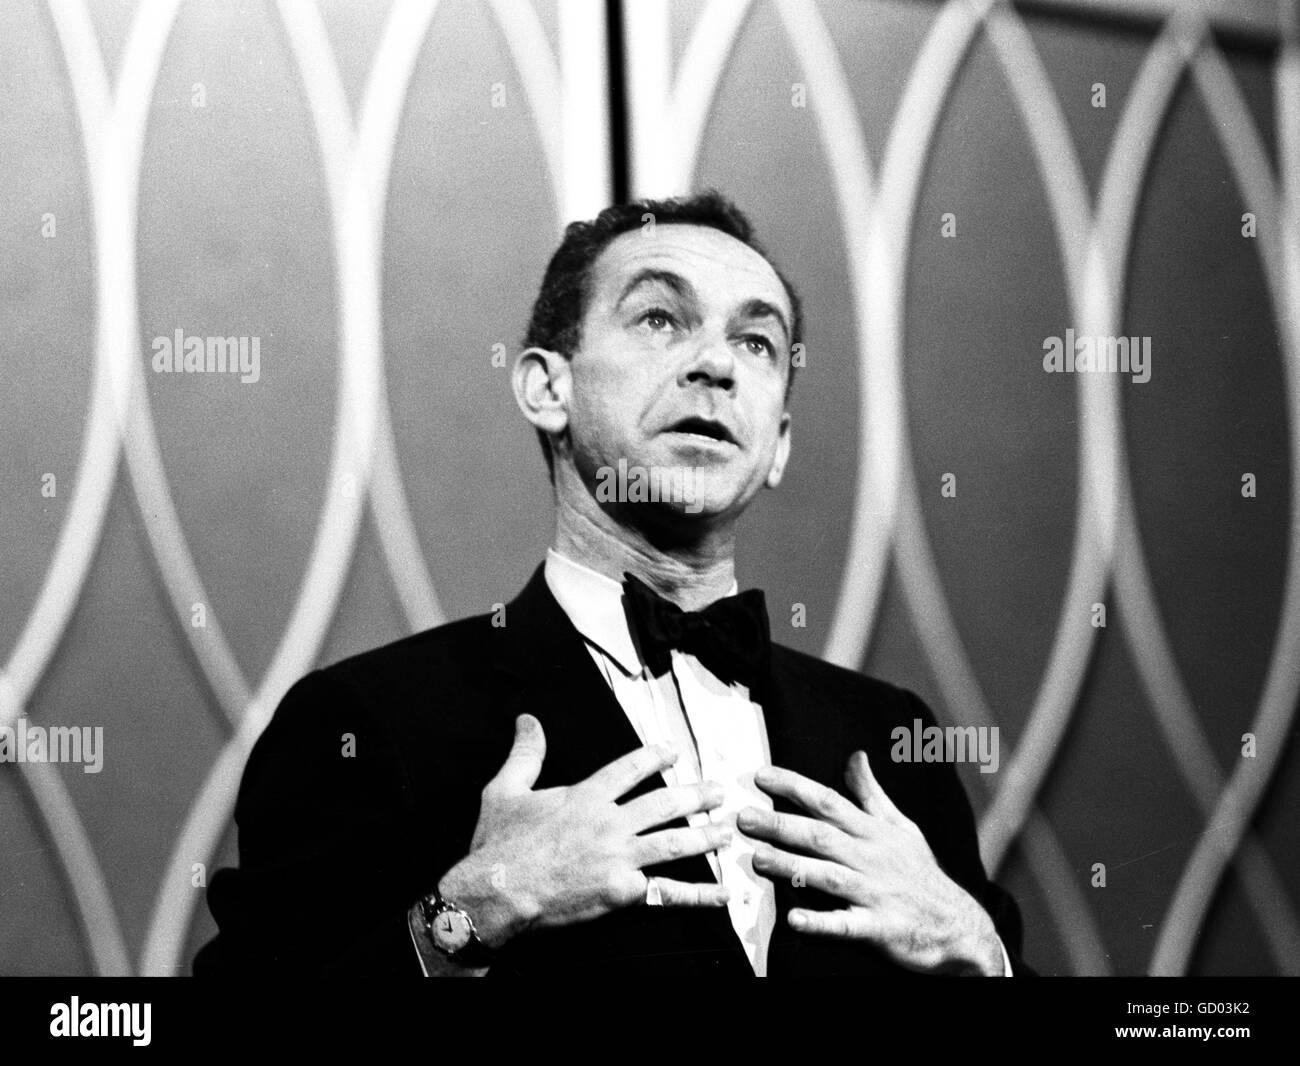 Comedian Jack Carter, 1961 - Stock Image